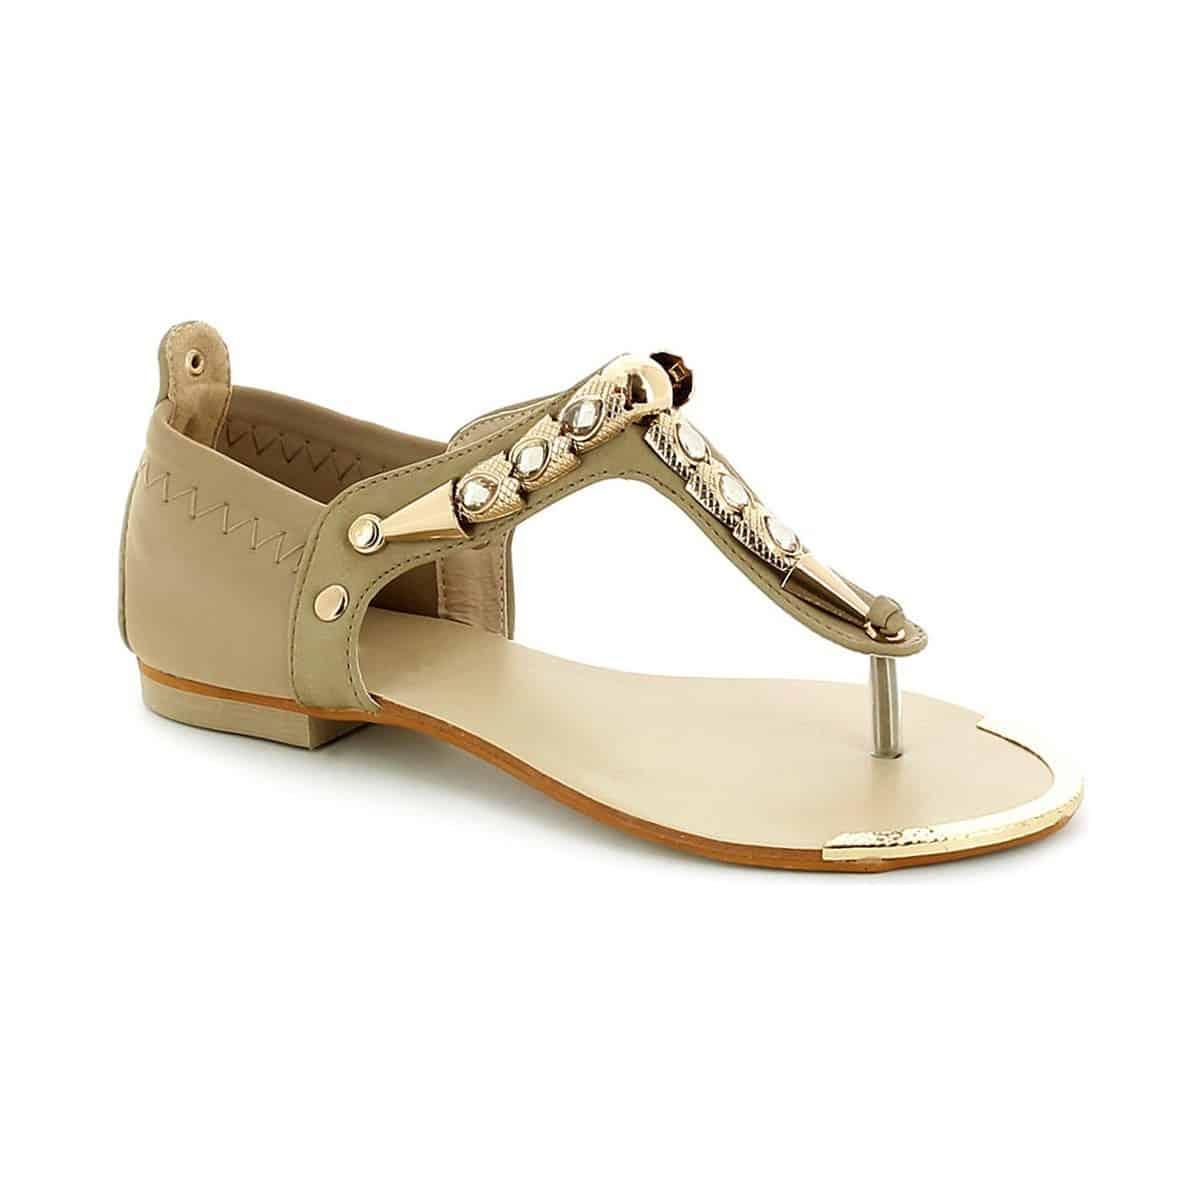 printemps-été 2016 : escarpins, sandales plates…les grandes